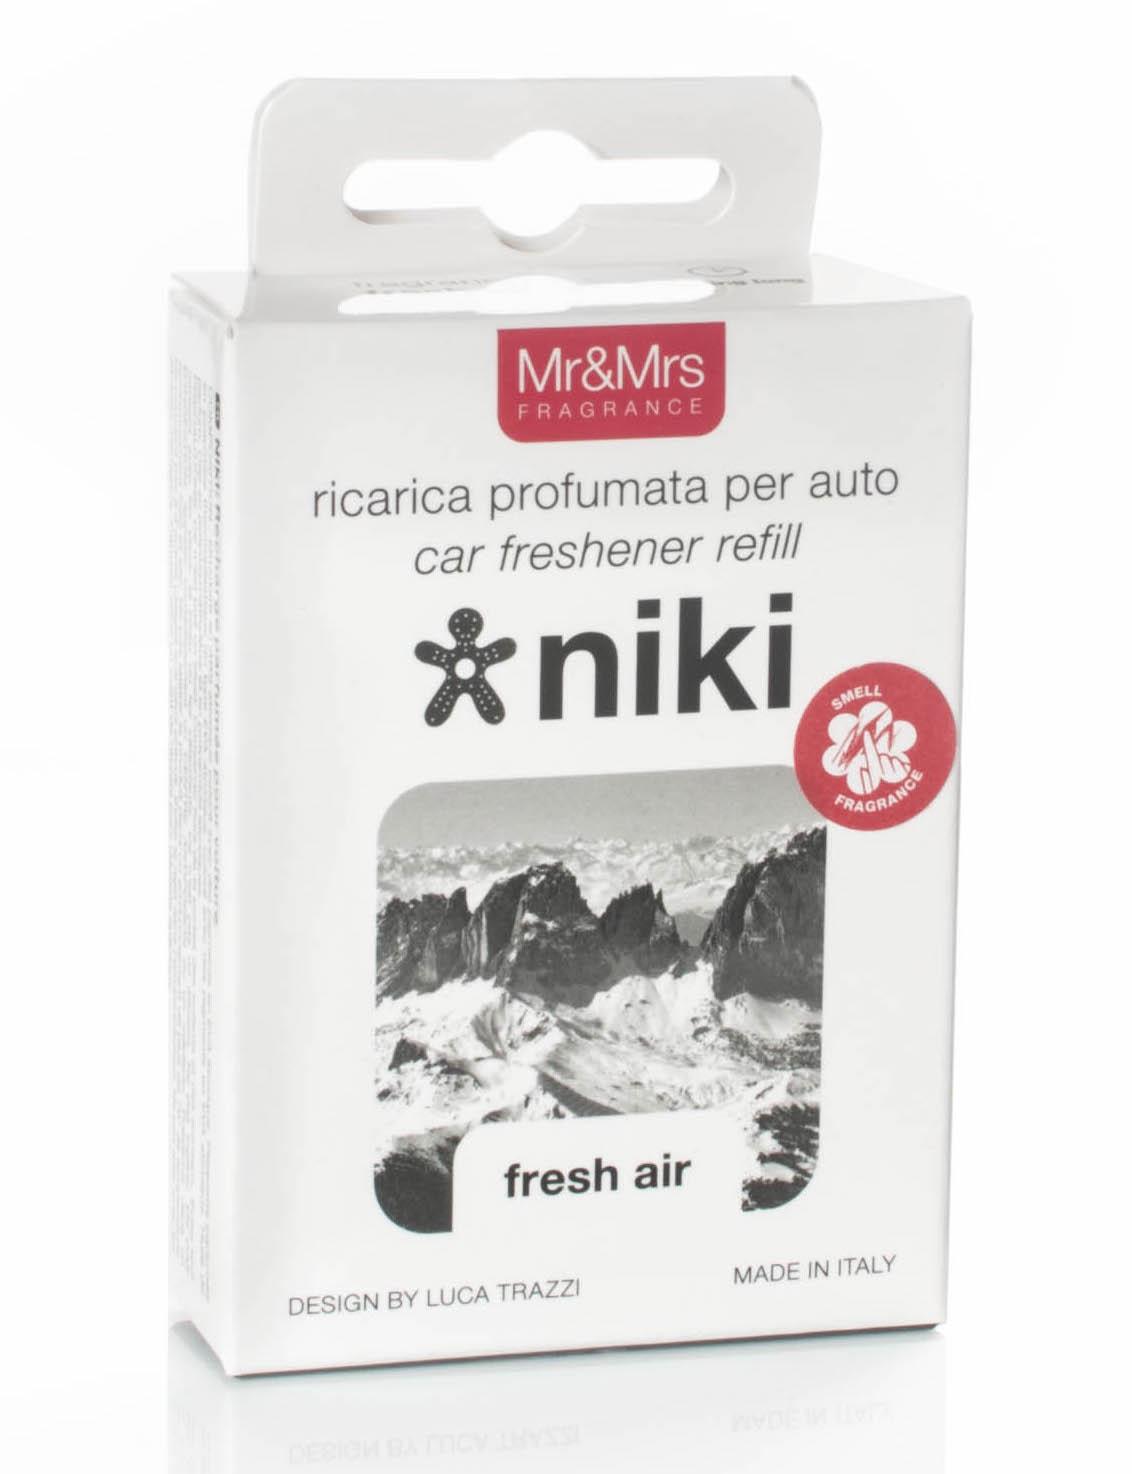 Mr&Mrs Fragrance - náhradní náplň Niki Fresh Air